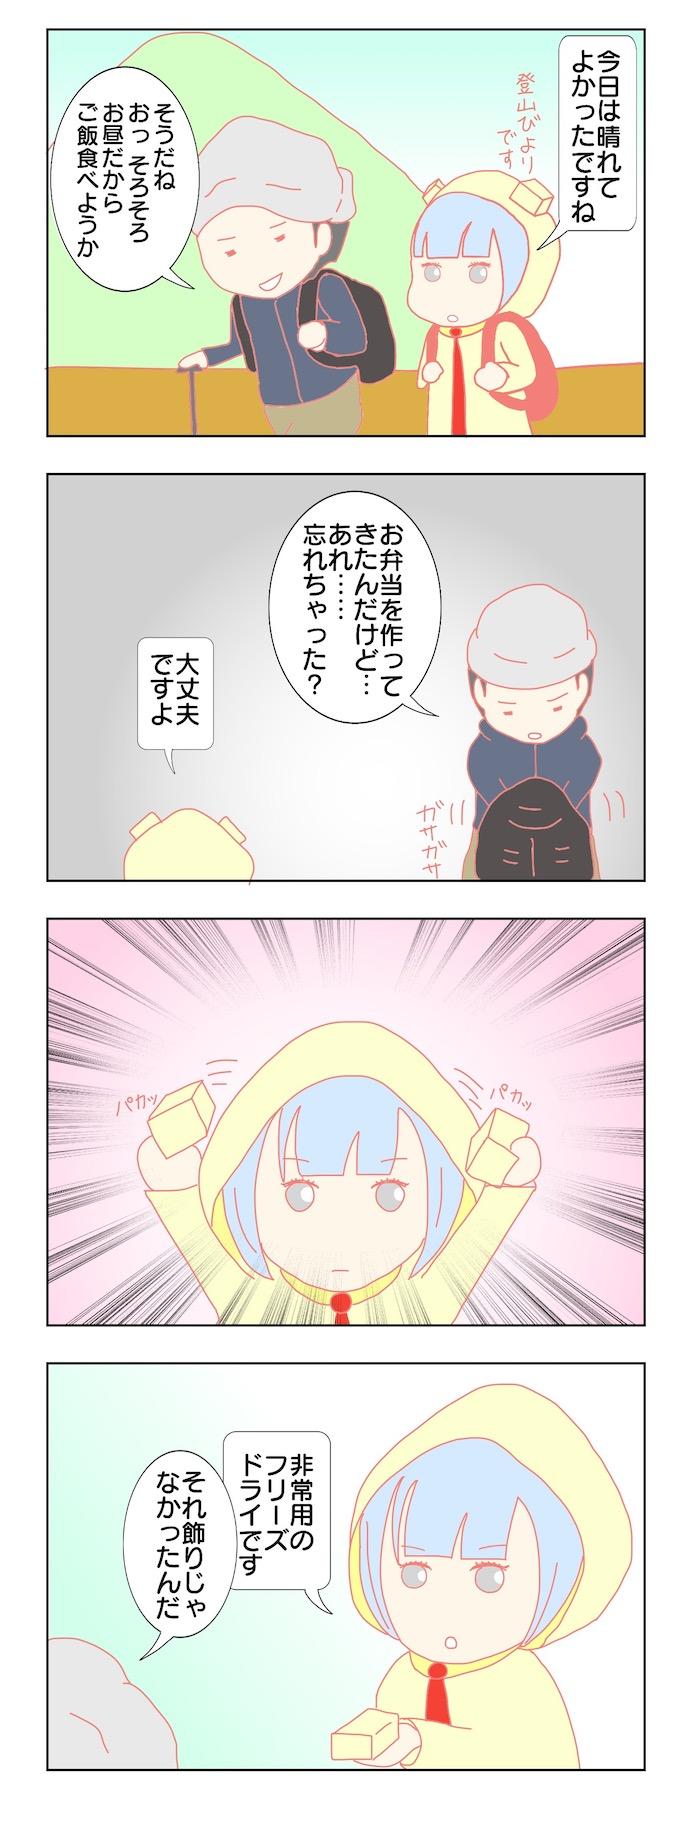 キムケン四コマ漫画(にゅうめん)